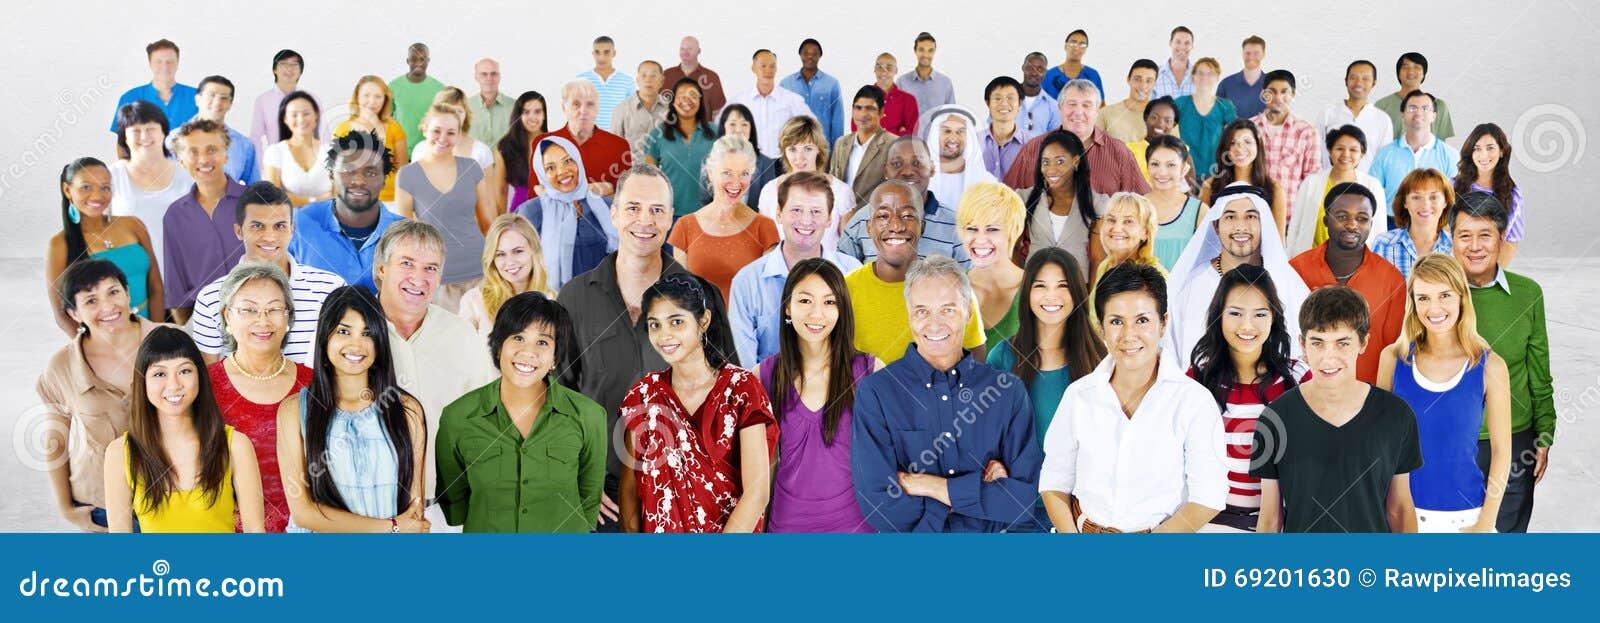 Verschiedenartigkeits-große Gruppe von Personenen-multiethnisches Konzept